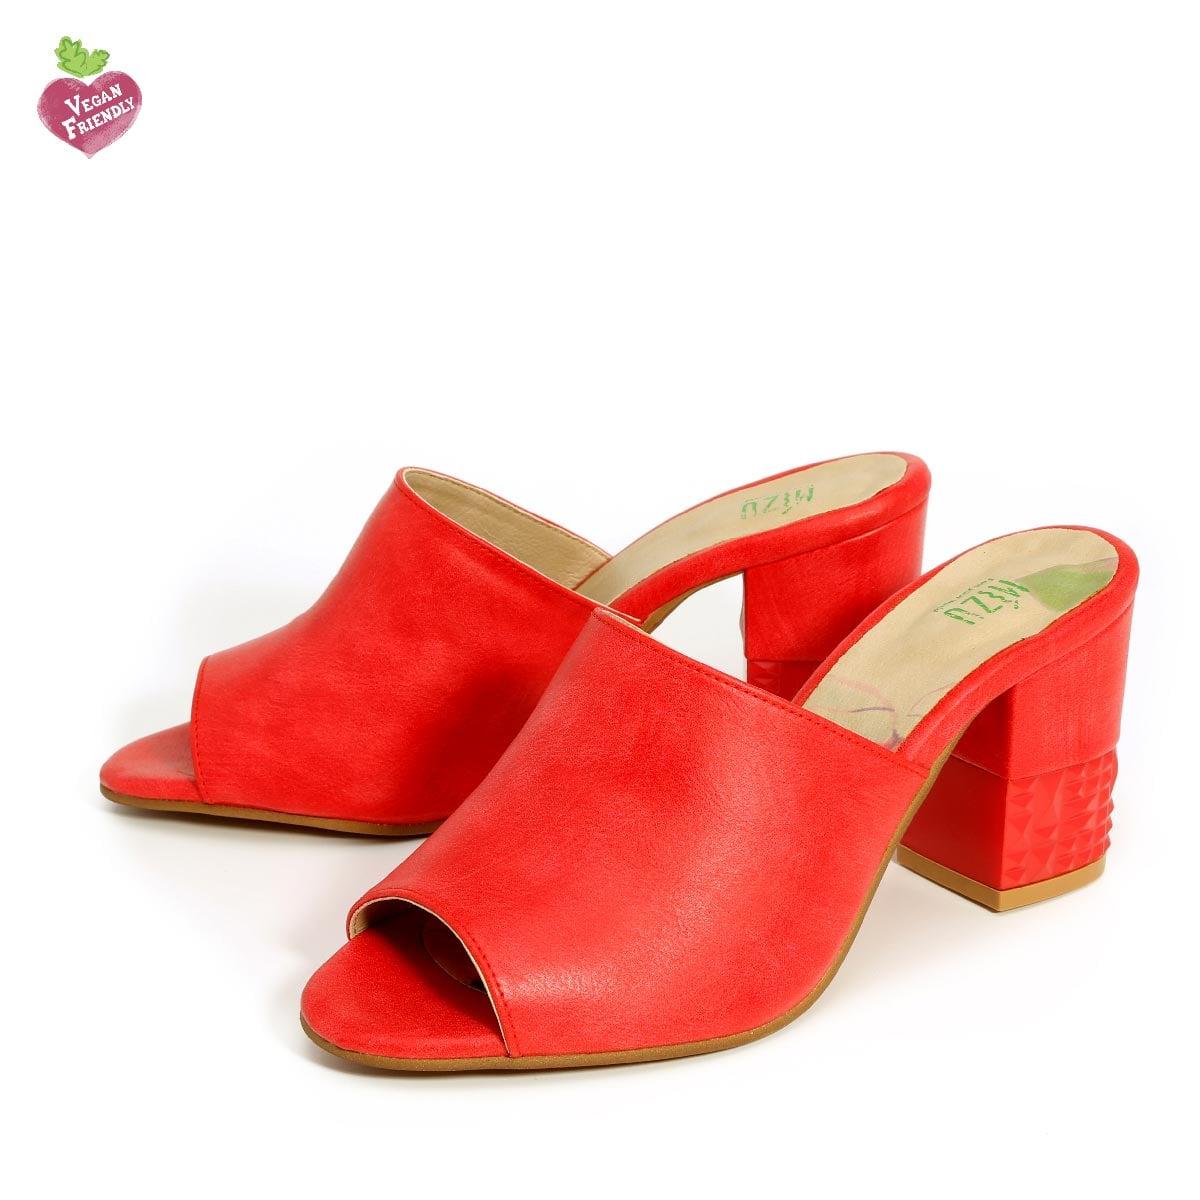 דגם קים: נעלי עקב טבעוניות בצבע אדום